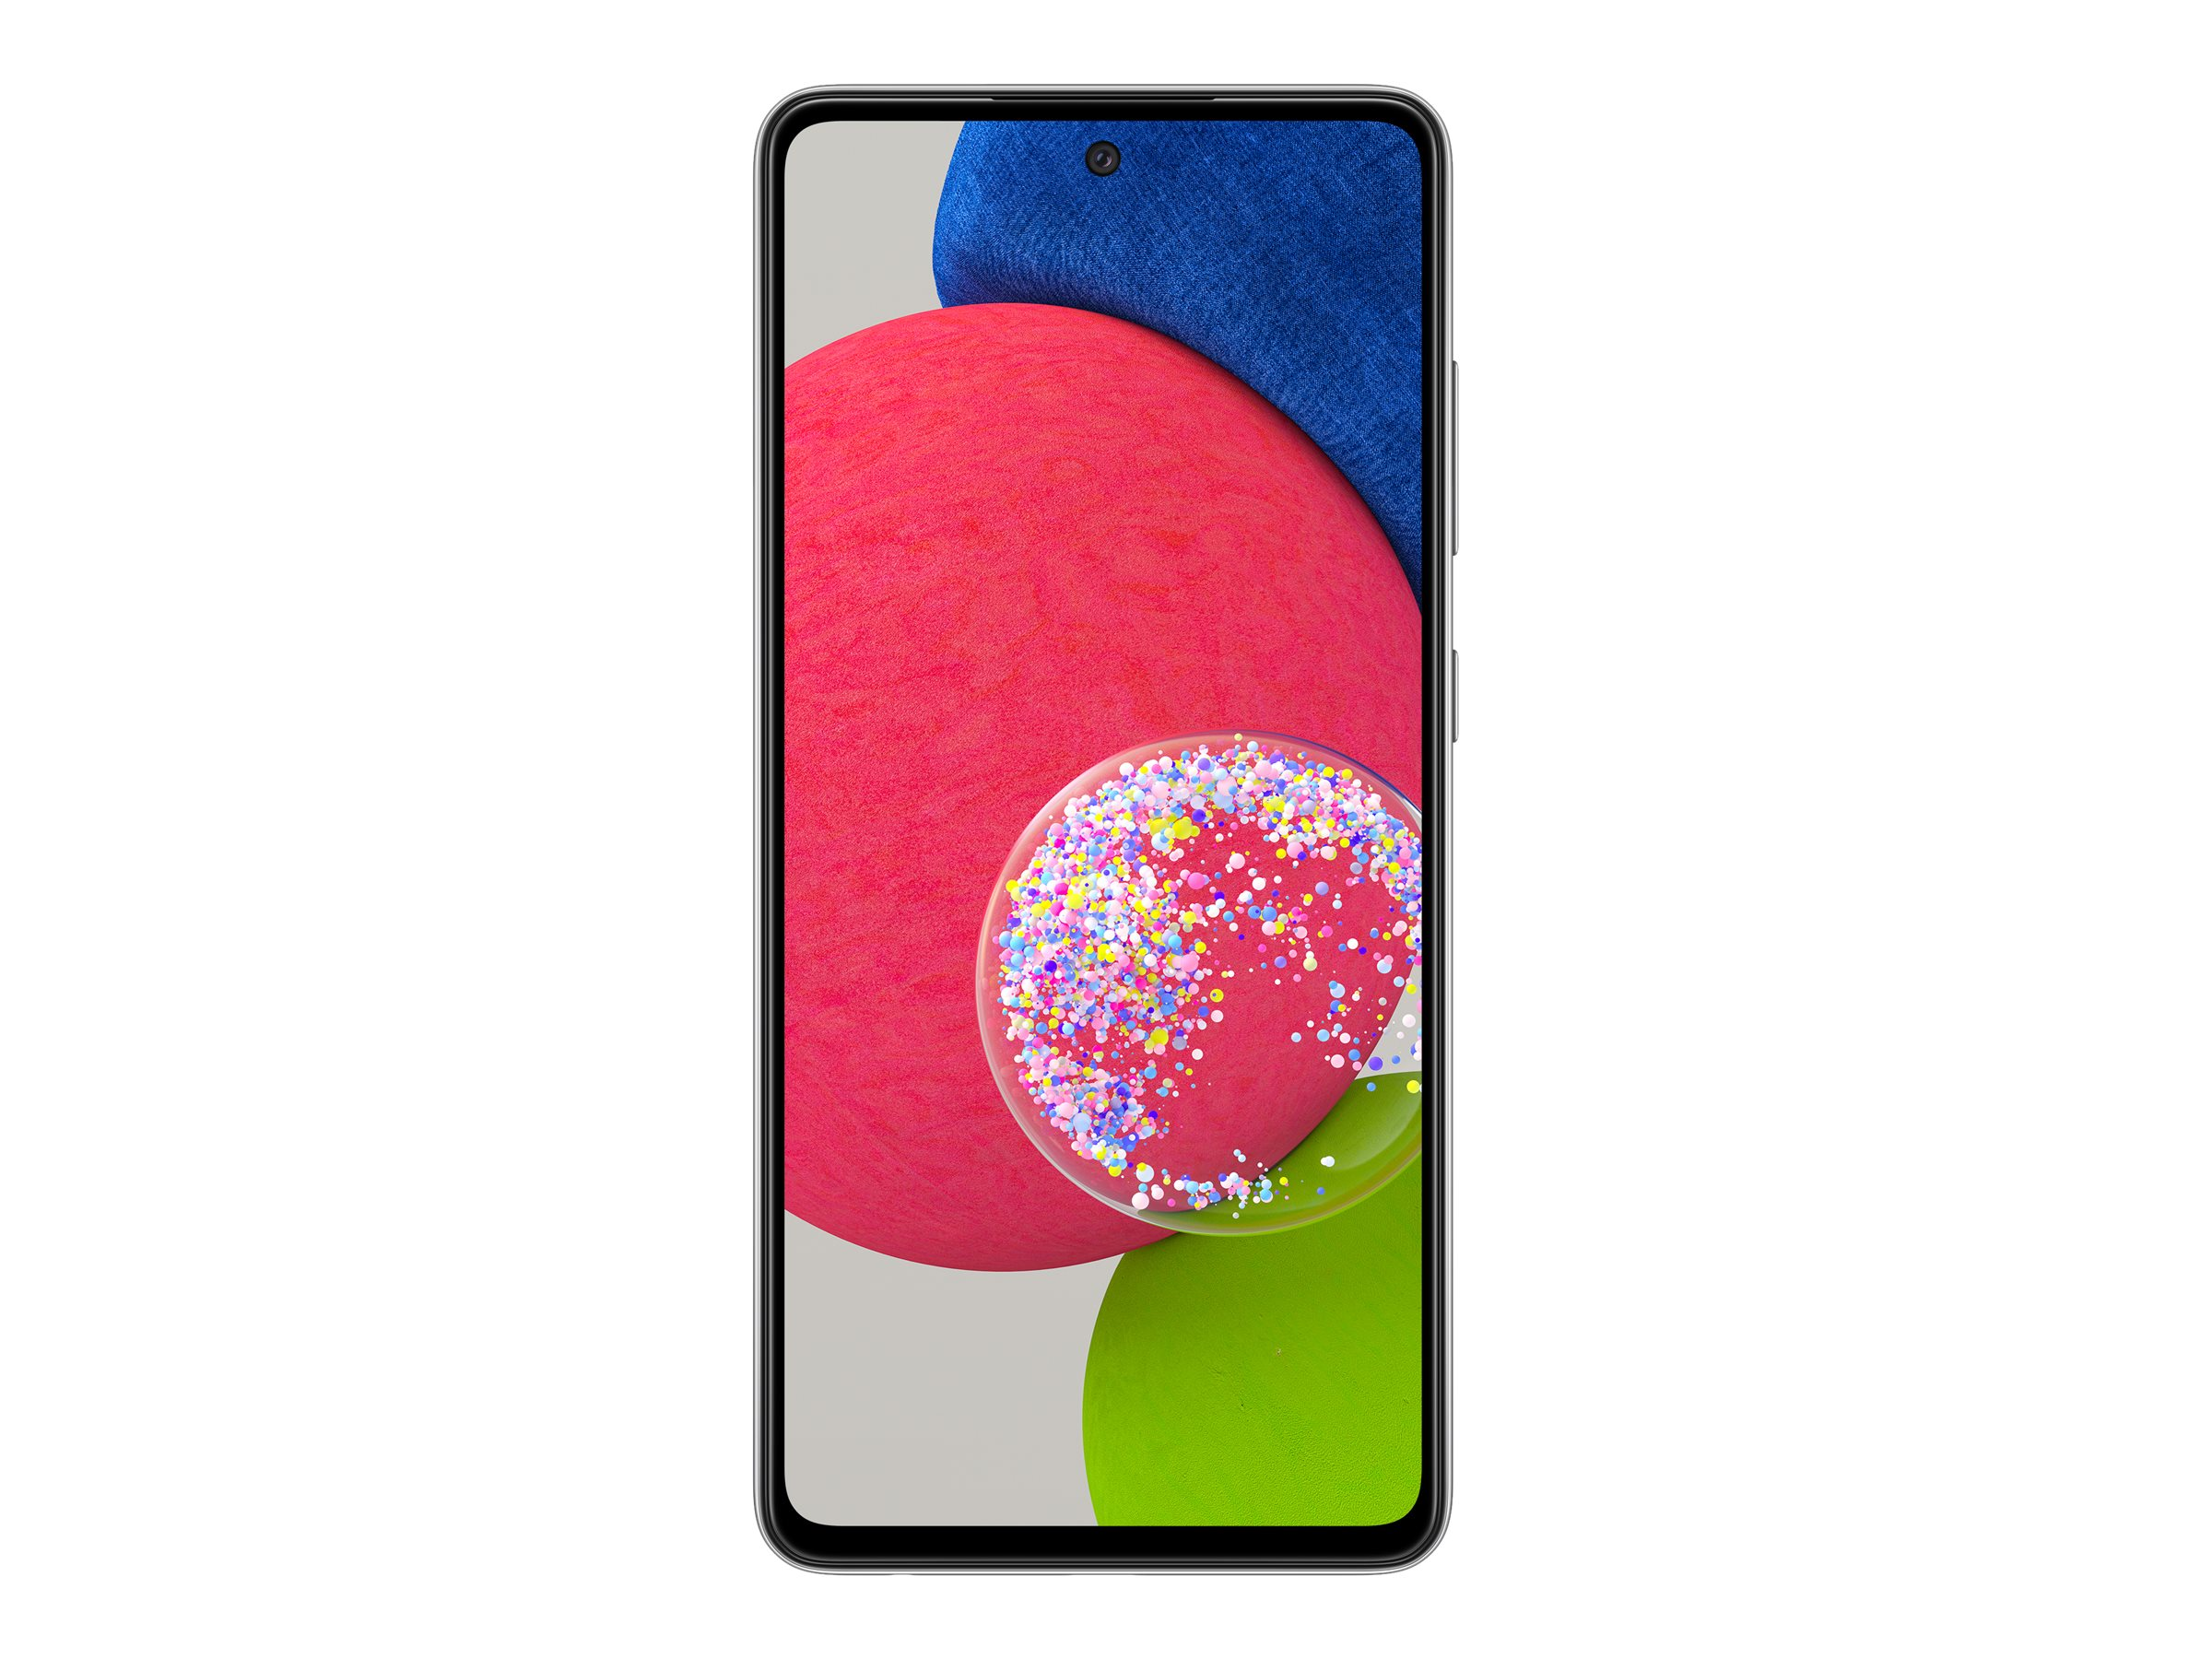 """Samsung Galaxy A52s 5G - Smartphone - Dual-SIM - 5G NR - 128 GB - microSD slot - 6.5"""" - 2400 x 1080 Pixel - Super AMOLED - RAM 6 GB - 4x x Rückkamera (32 MP Vorderkamera)"""